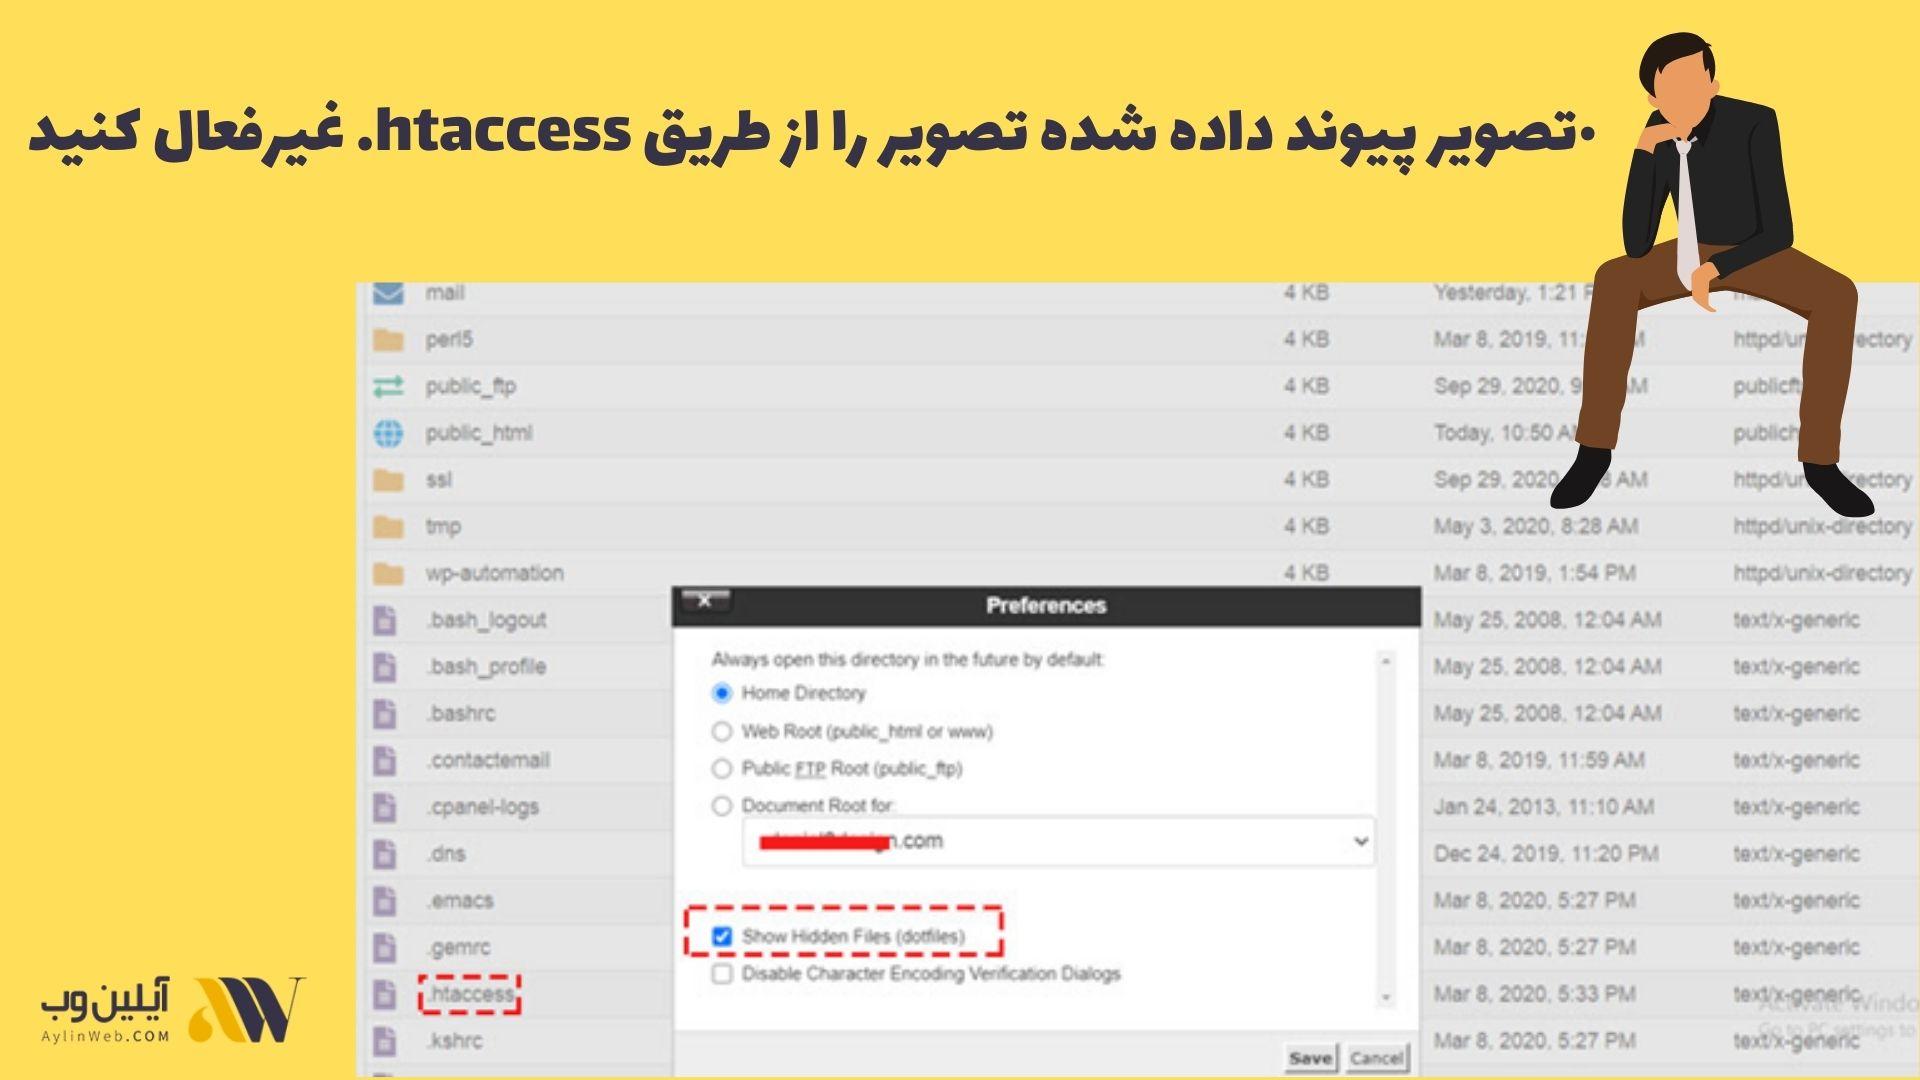 تصویر پیوند داده شده تصویر را از طریق htaccess. غیرفعال کنید